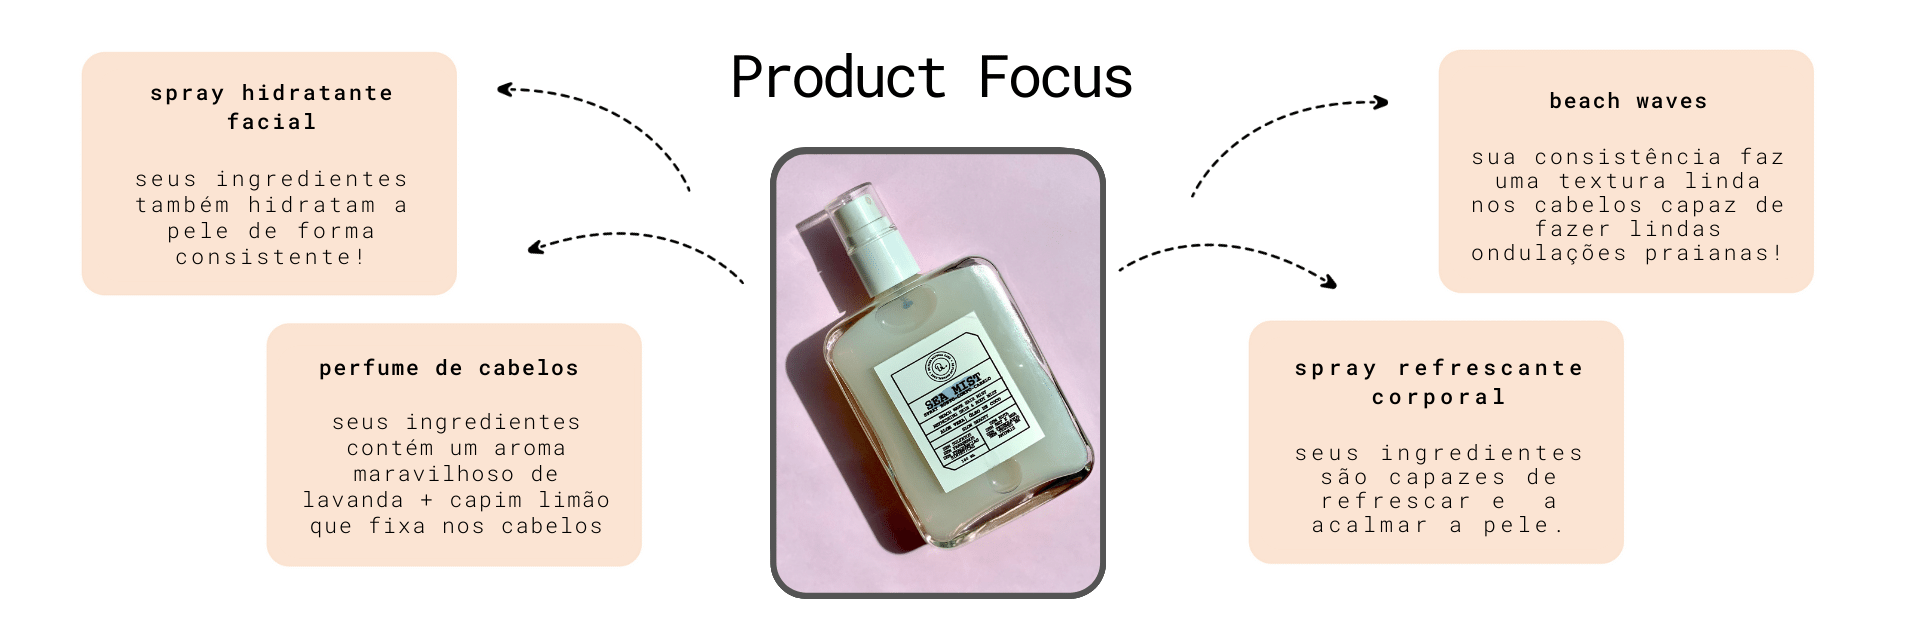 [Banner produto] sea mist